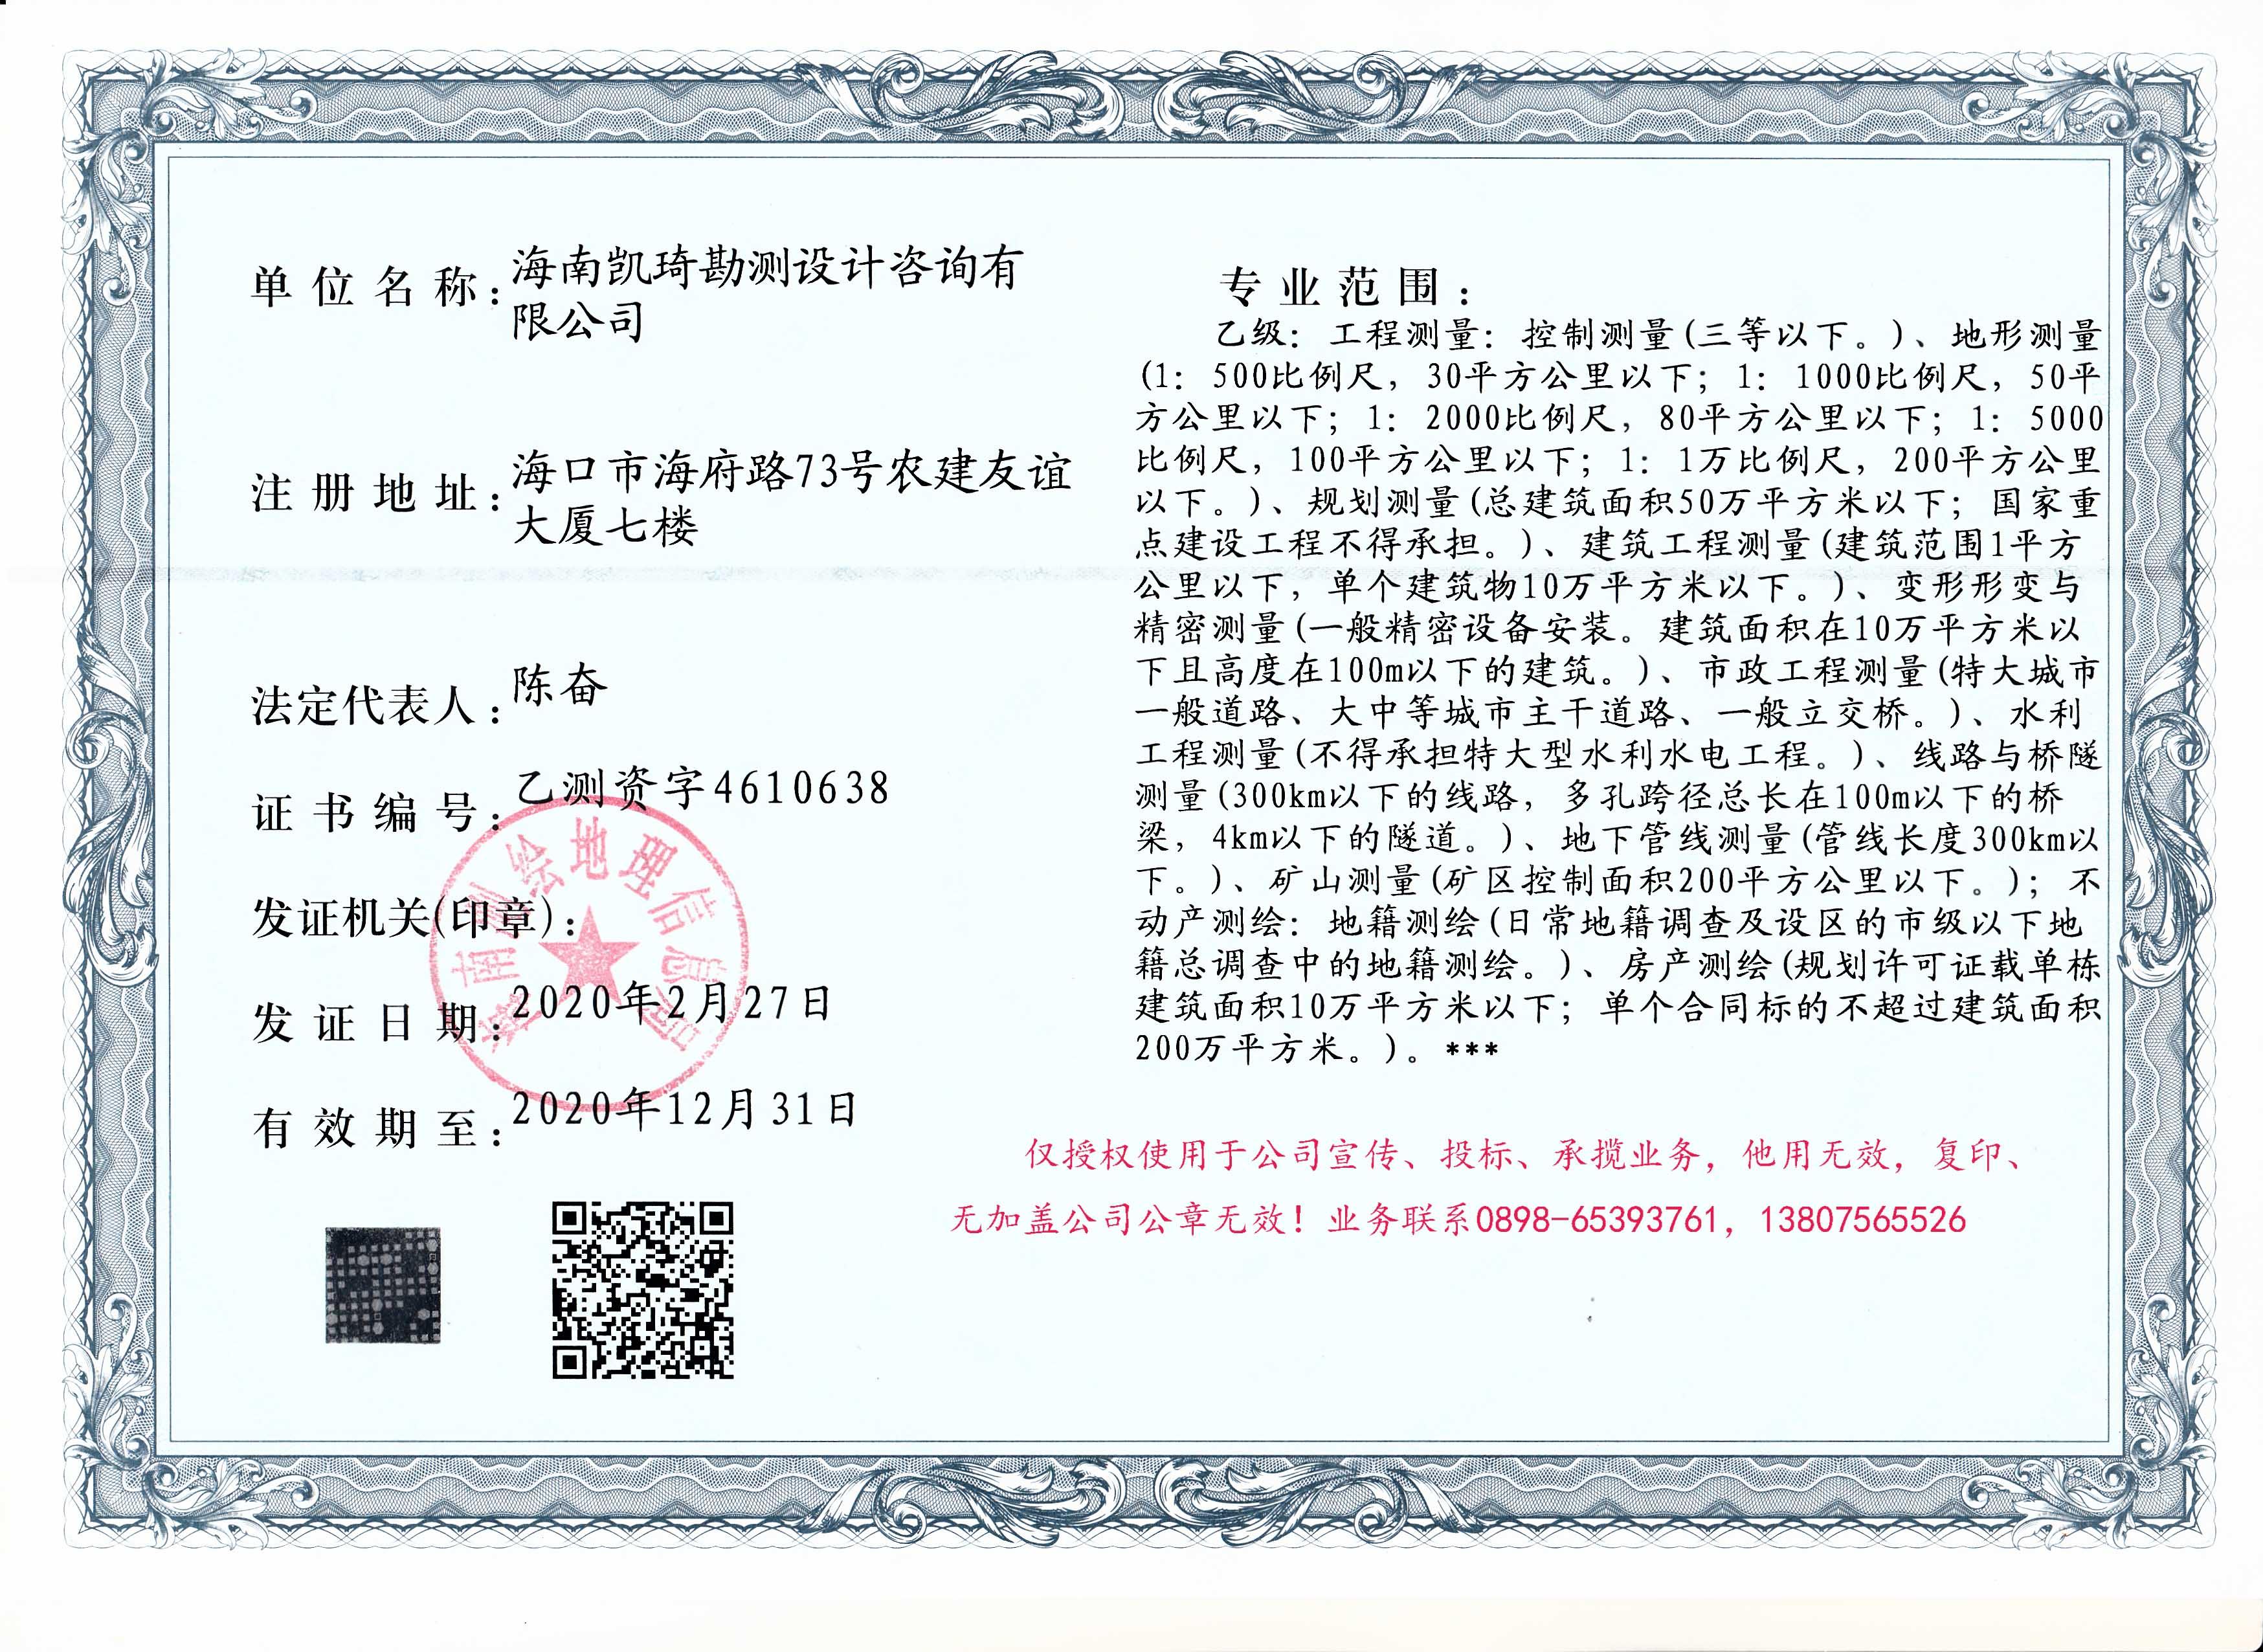 乙级vwin德赢152资质证书-水印.jpg